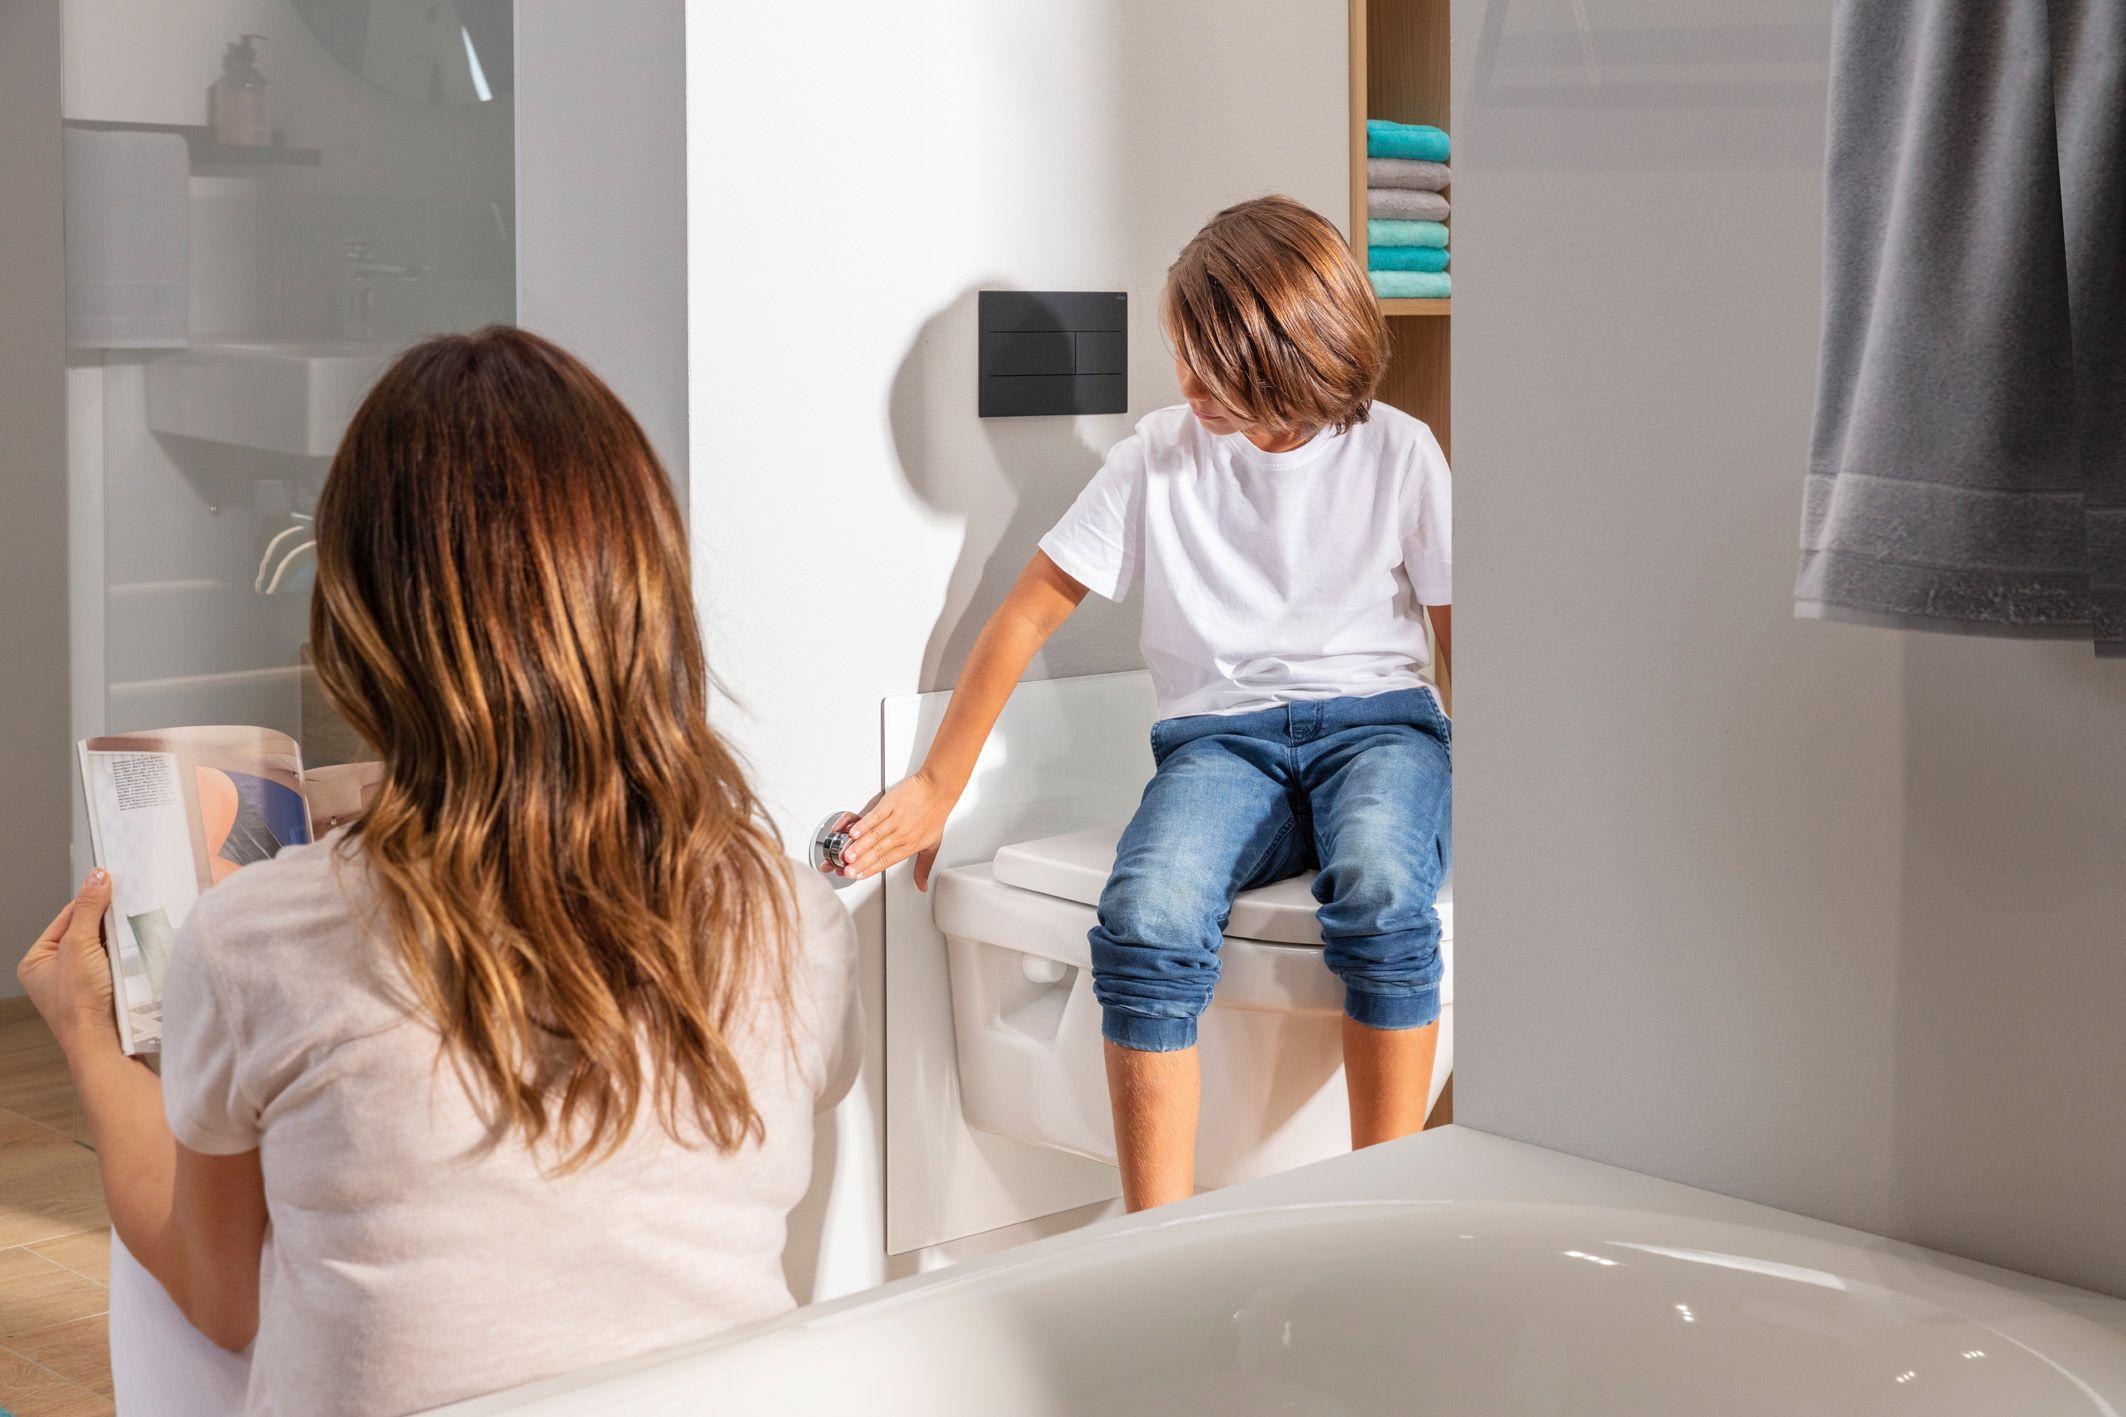 Stelaż EcoPlus Viega umożliwia zmianę wysokości toalety